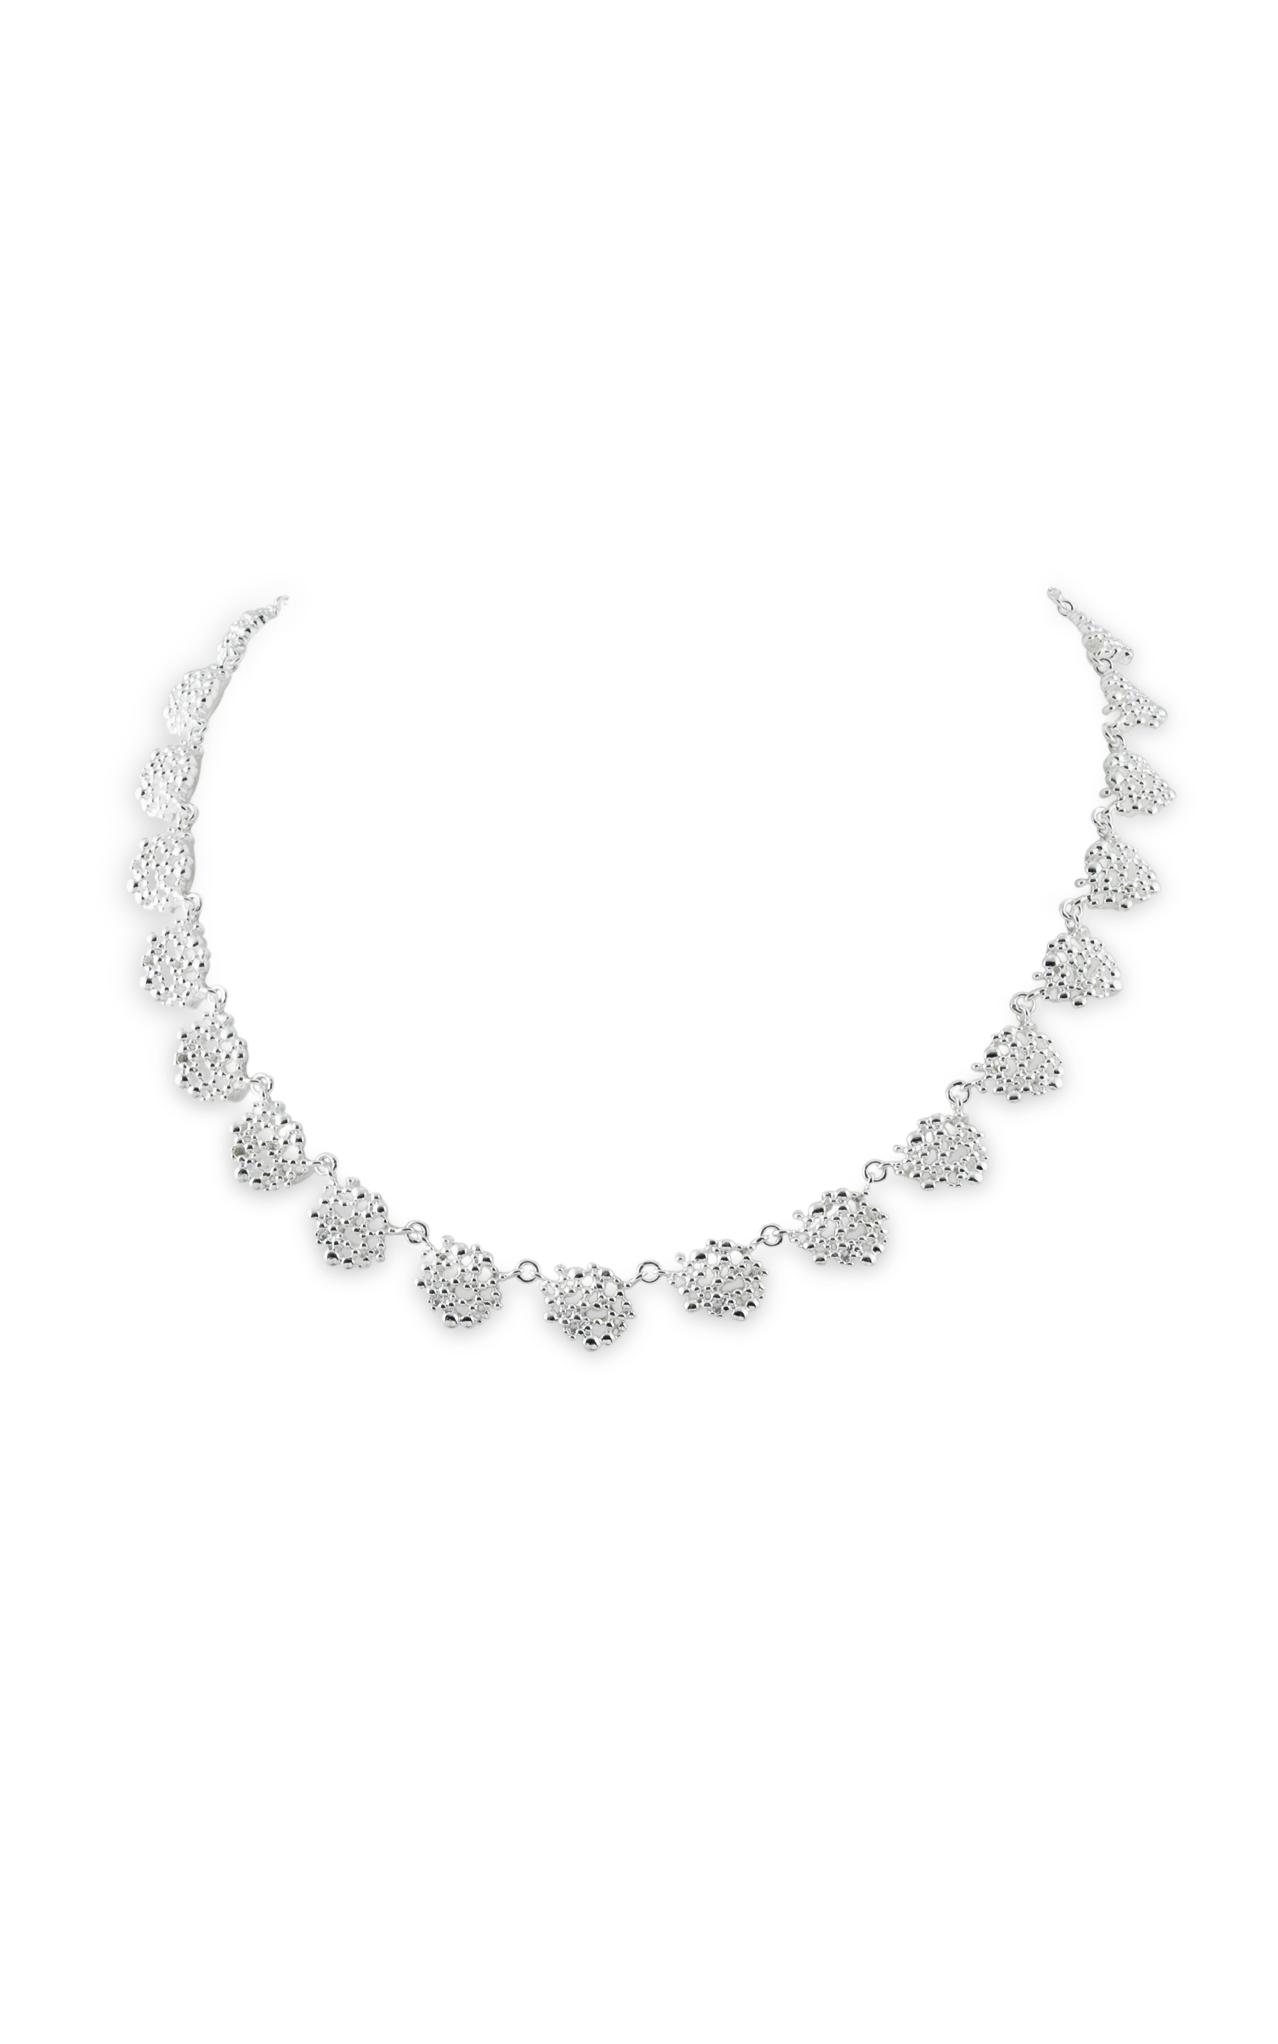 Zina Seafoam Necklace A1423-17 product image